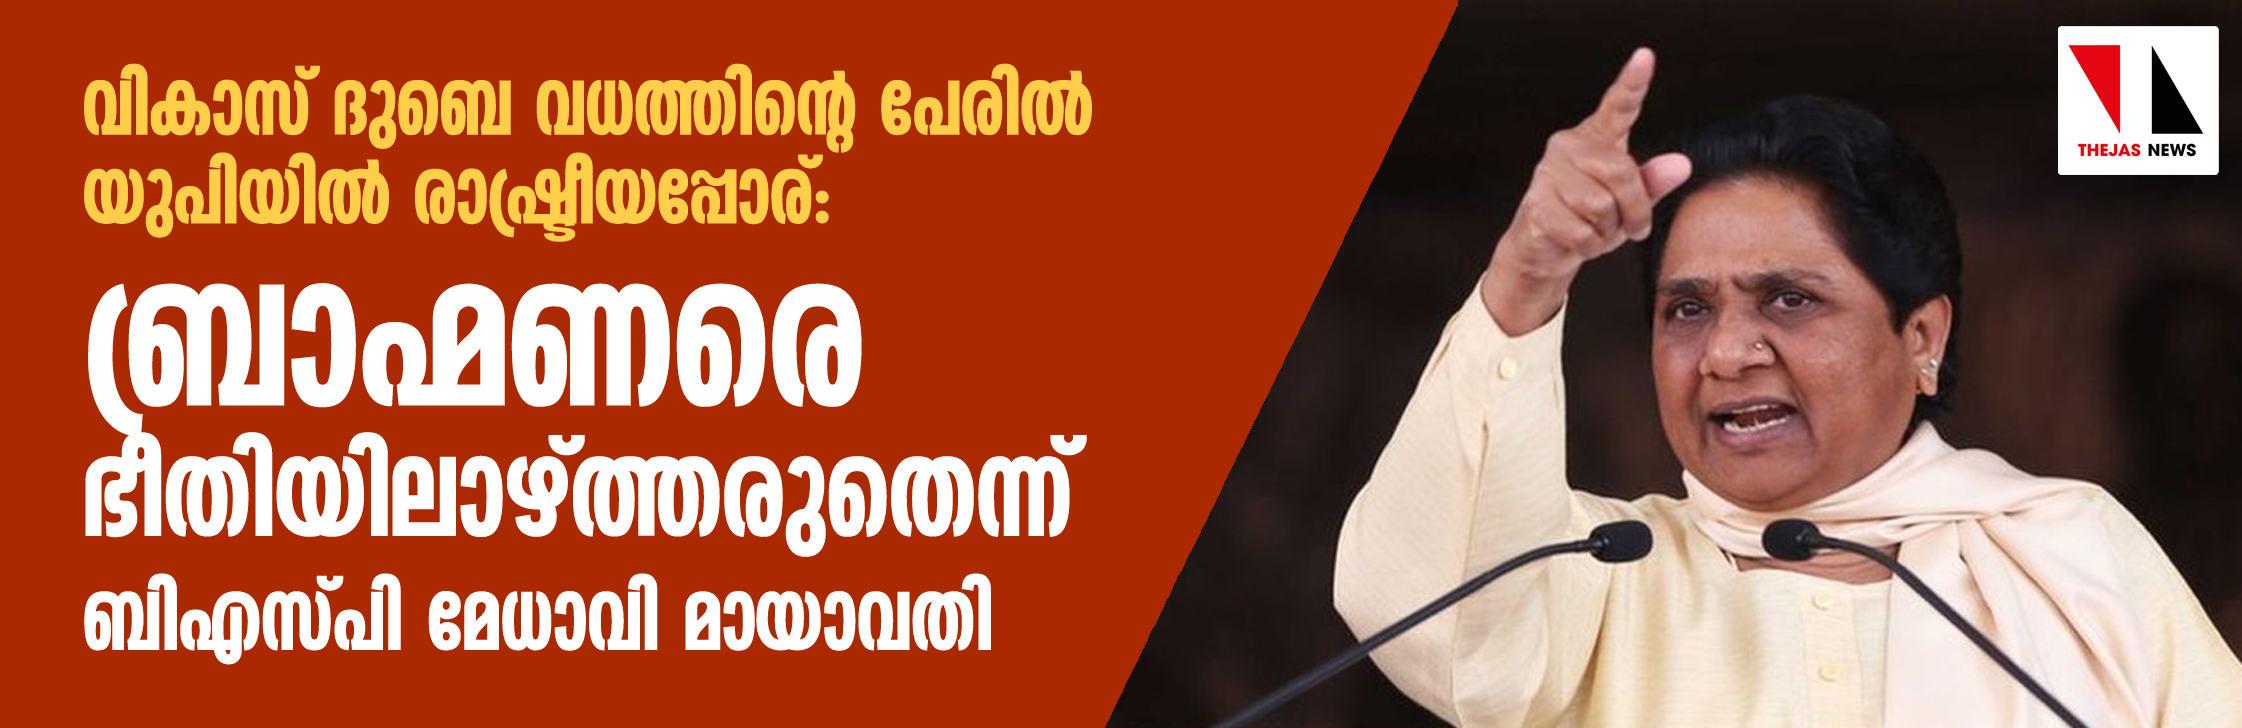 വികാസ് ദുബെ വധത്തിന്റെ പേരില് യുപിയില് രാഷ്ട്രീയപ്പോര്: ബ്രാഹ്മണരെ ഭീതിയിലാഴ്ത്തരുതെന്ന് ബിഎസ്പി മേധാവി മായാവതി